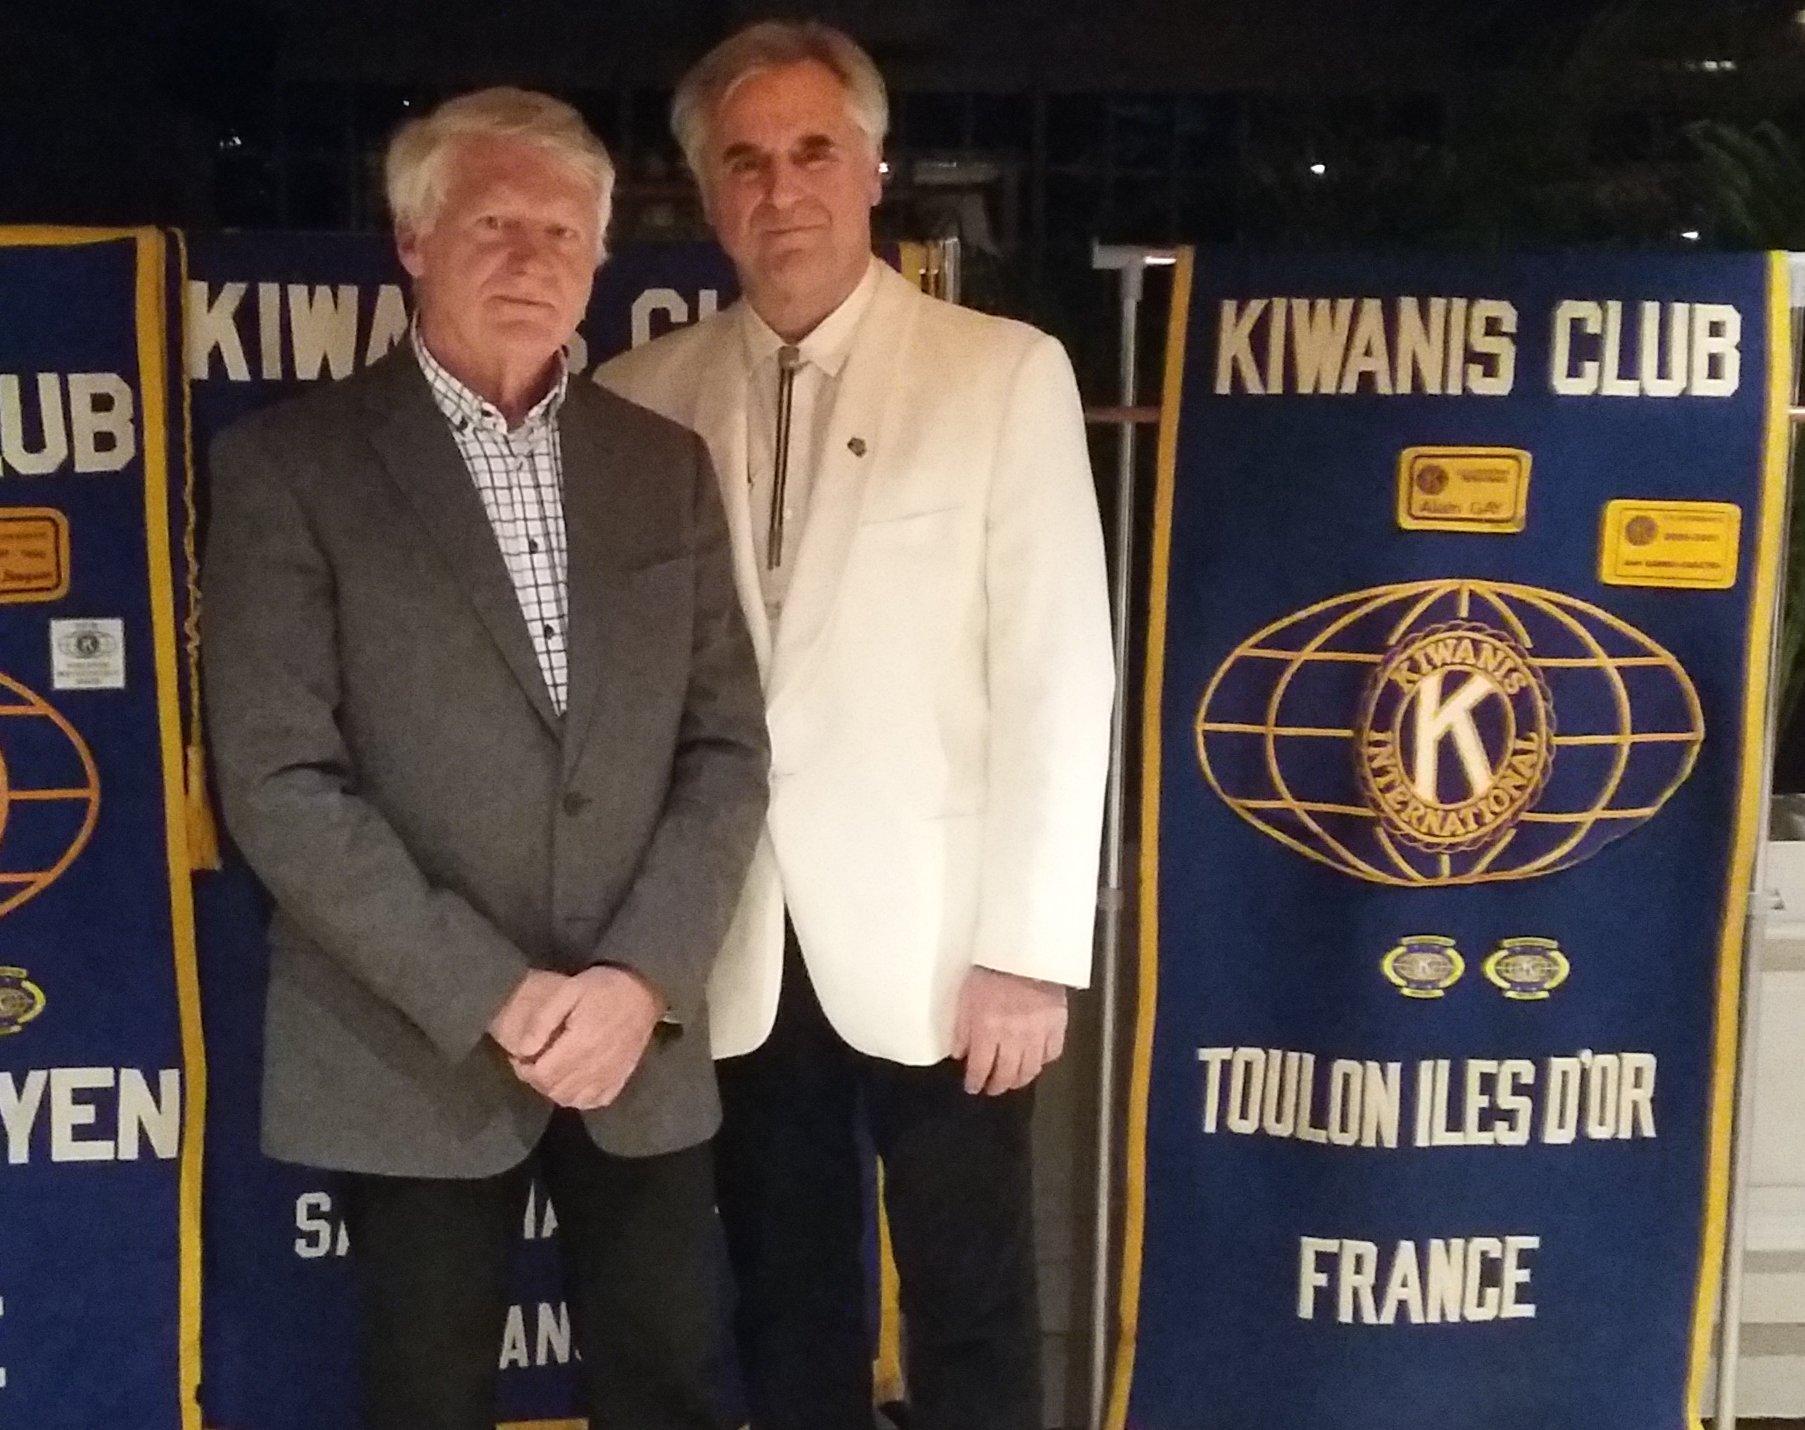 rencontre amitié francophone toulon